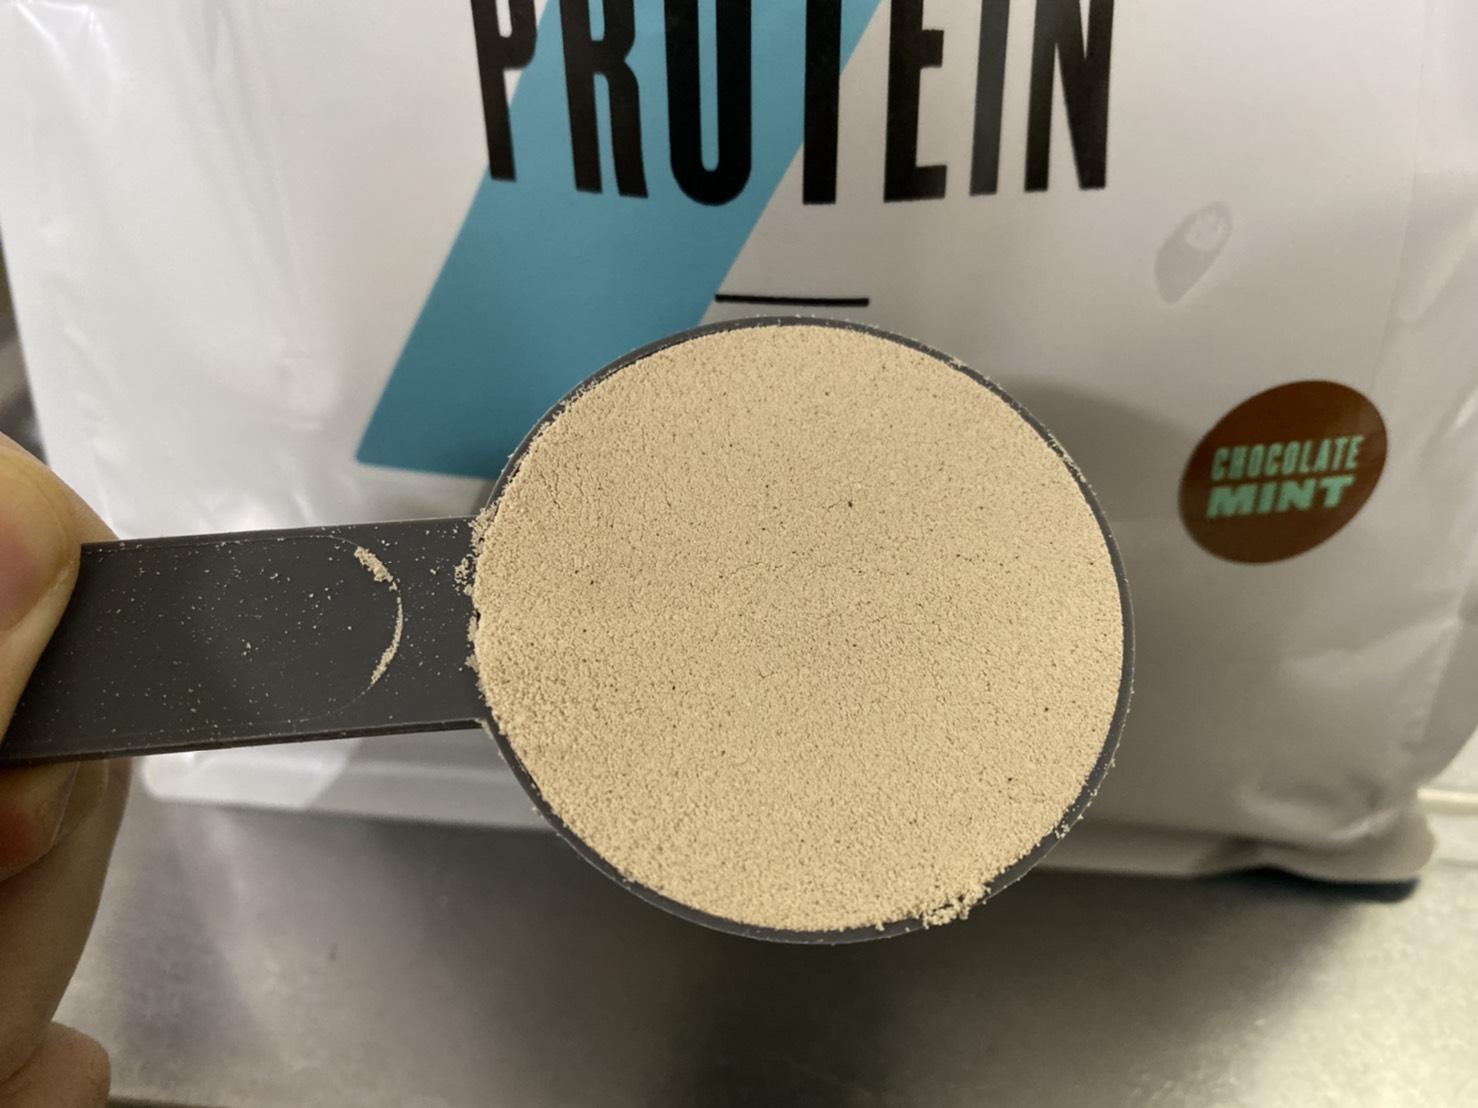 Impactホエイプロテイン:チョコミント味の粉末の様子